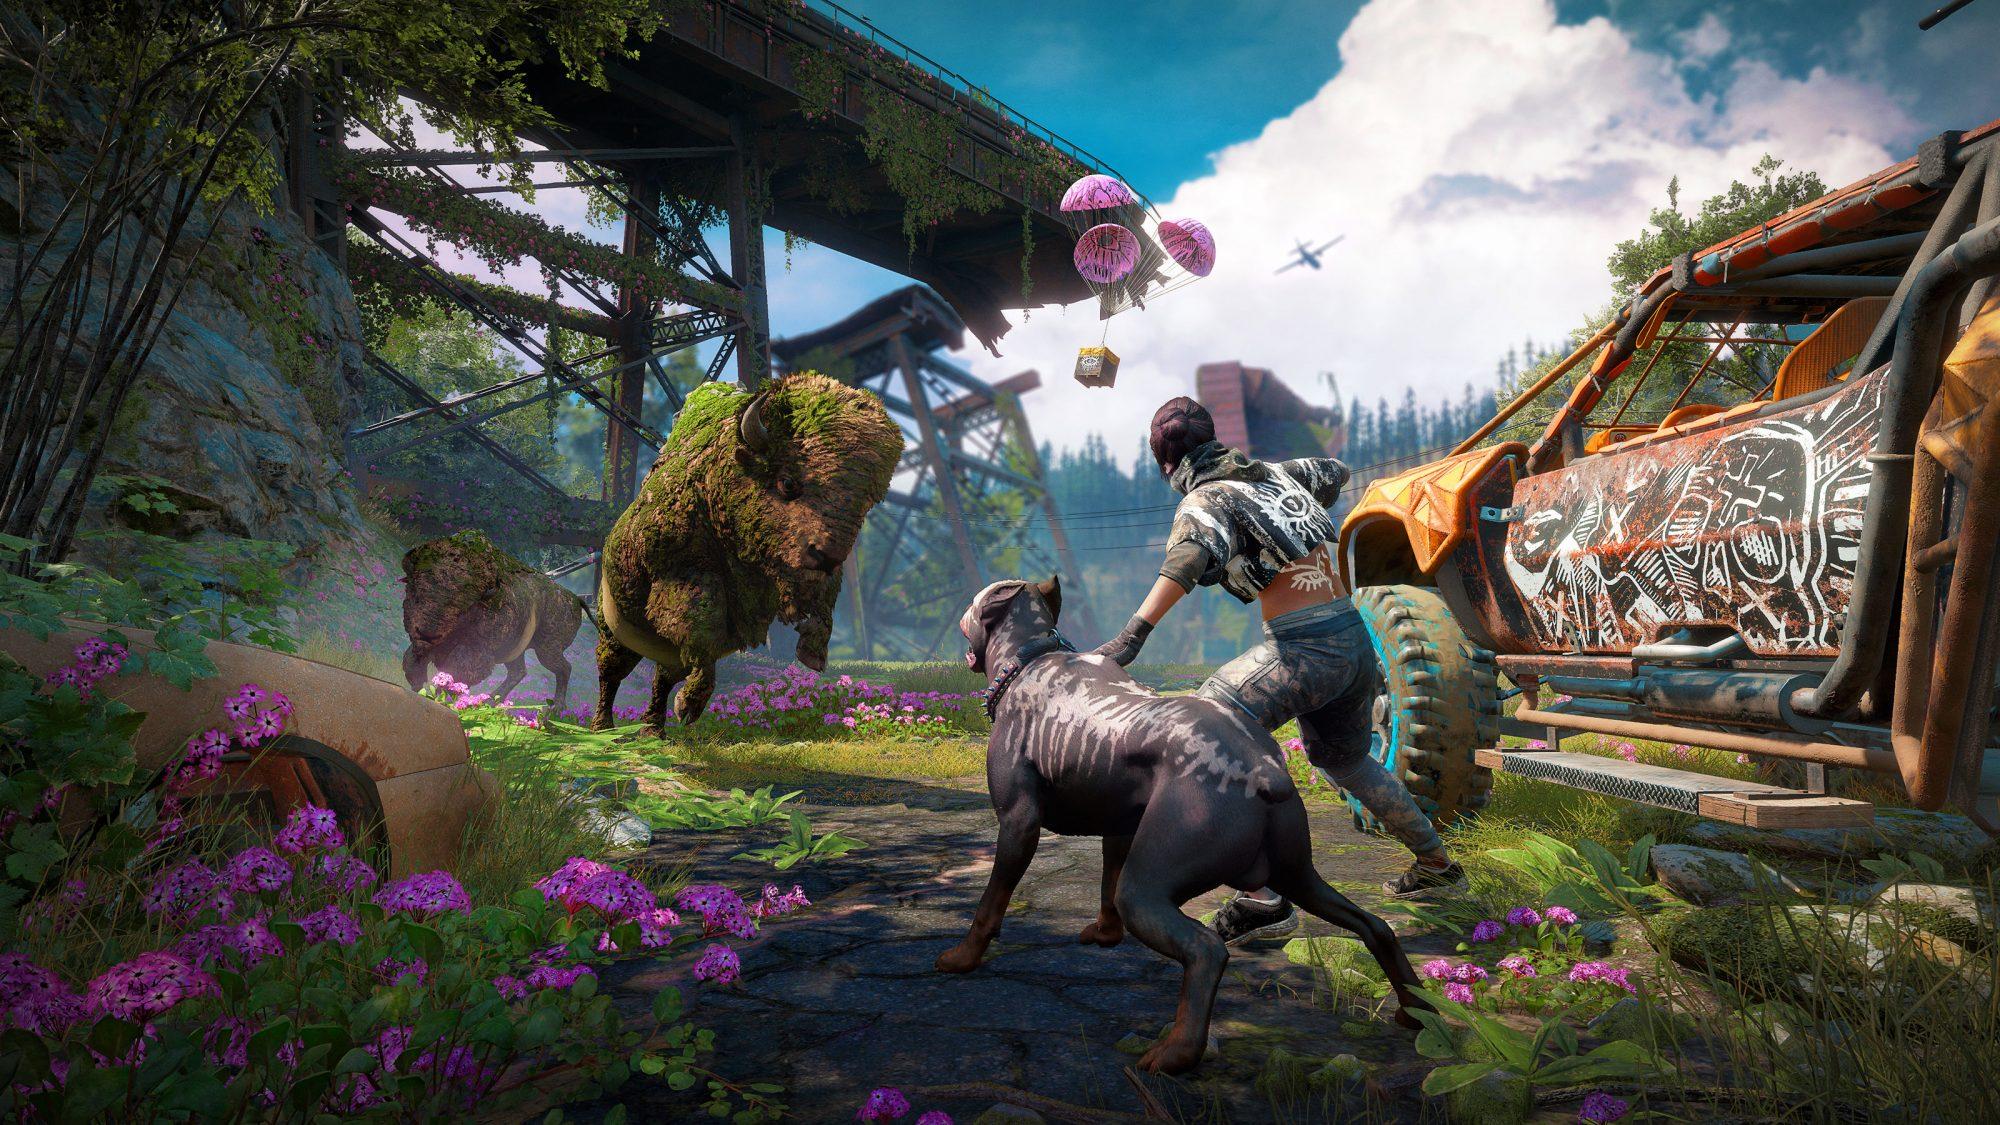 Far Cry: New DawnCR: Ubisoft